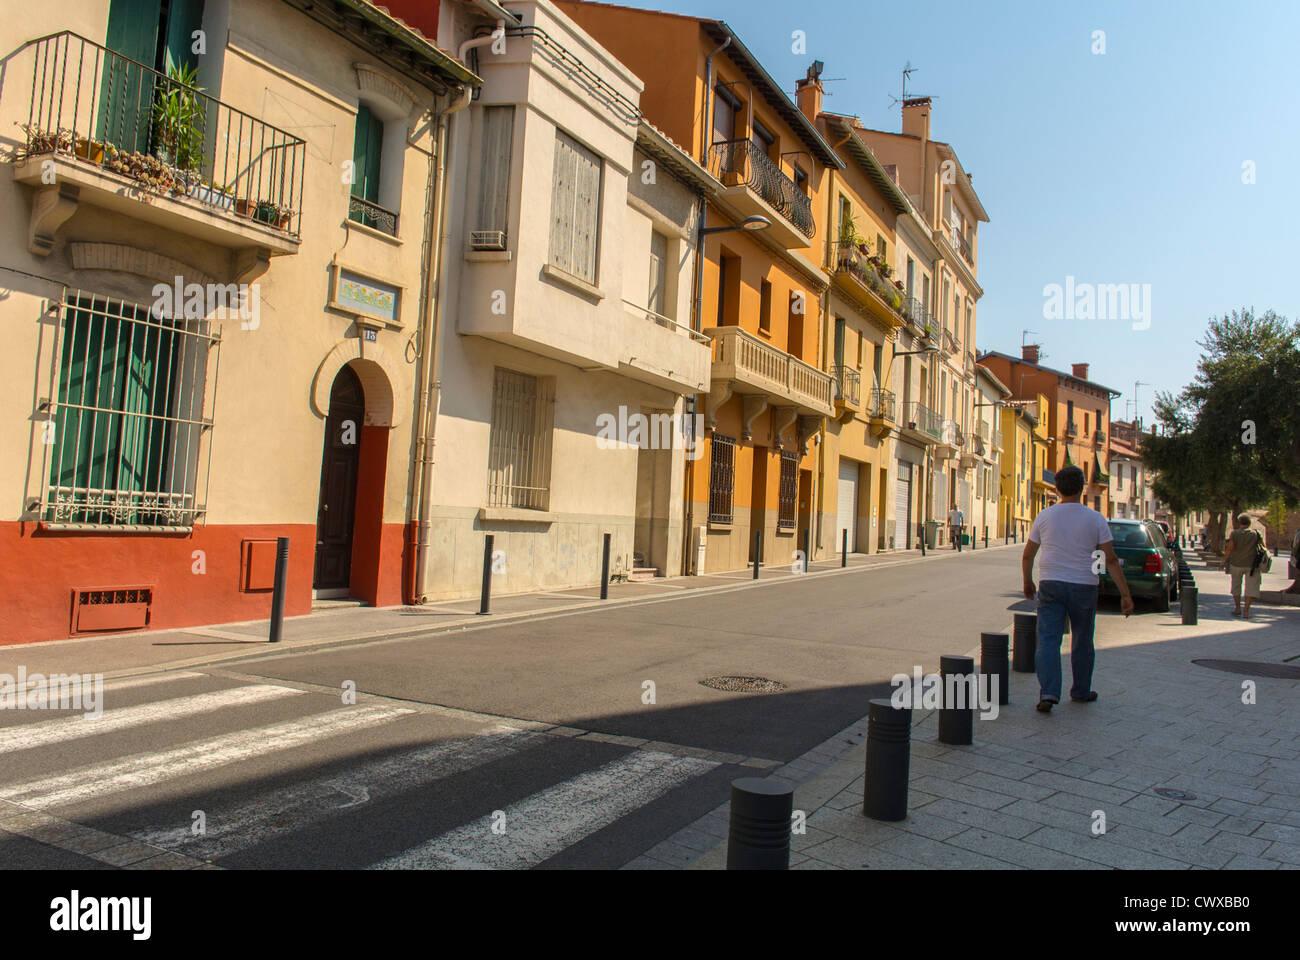 Perpignan, France, les gens qui marchent, des scènes de rue, maisons de la Vieille Ville Photo Stock